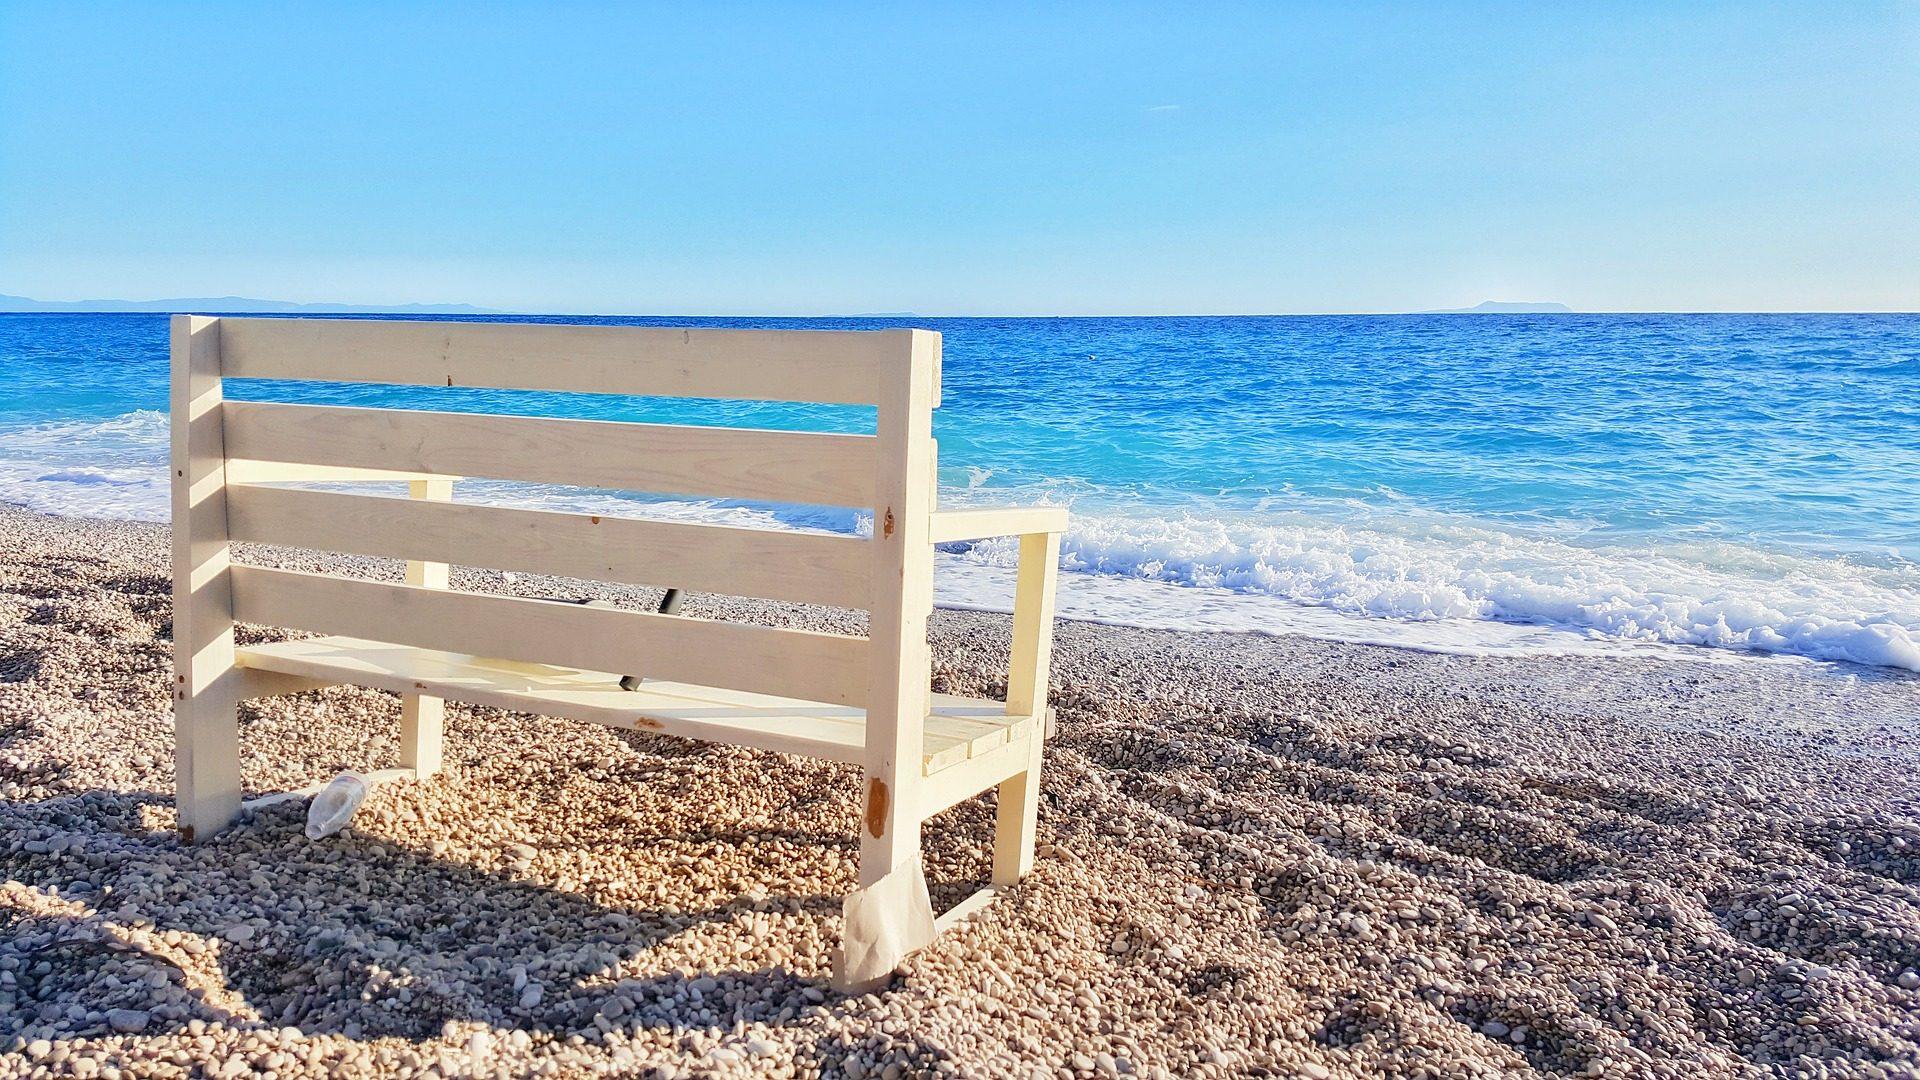 Banco, madeira, Praia, Costa, pedras, ondas, Mar - Papéis de parede HD - Professor-falken.com